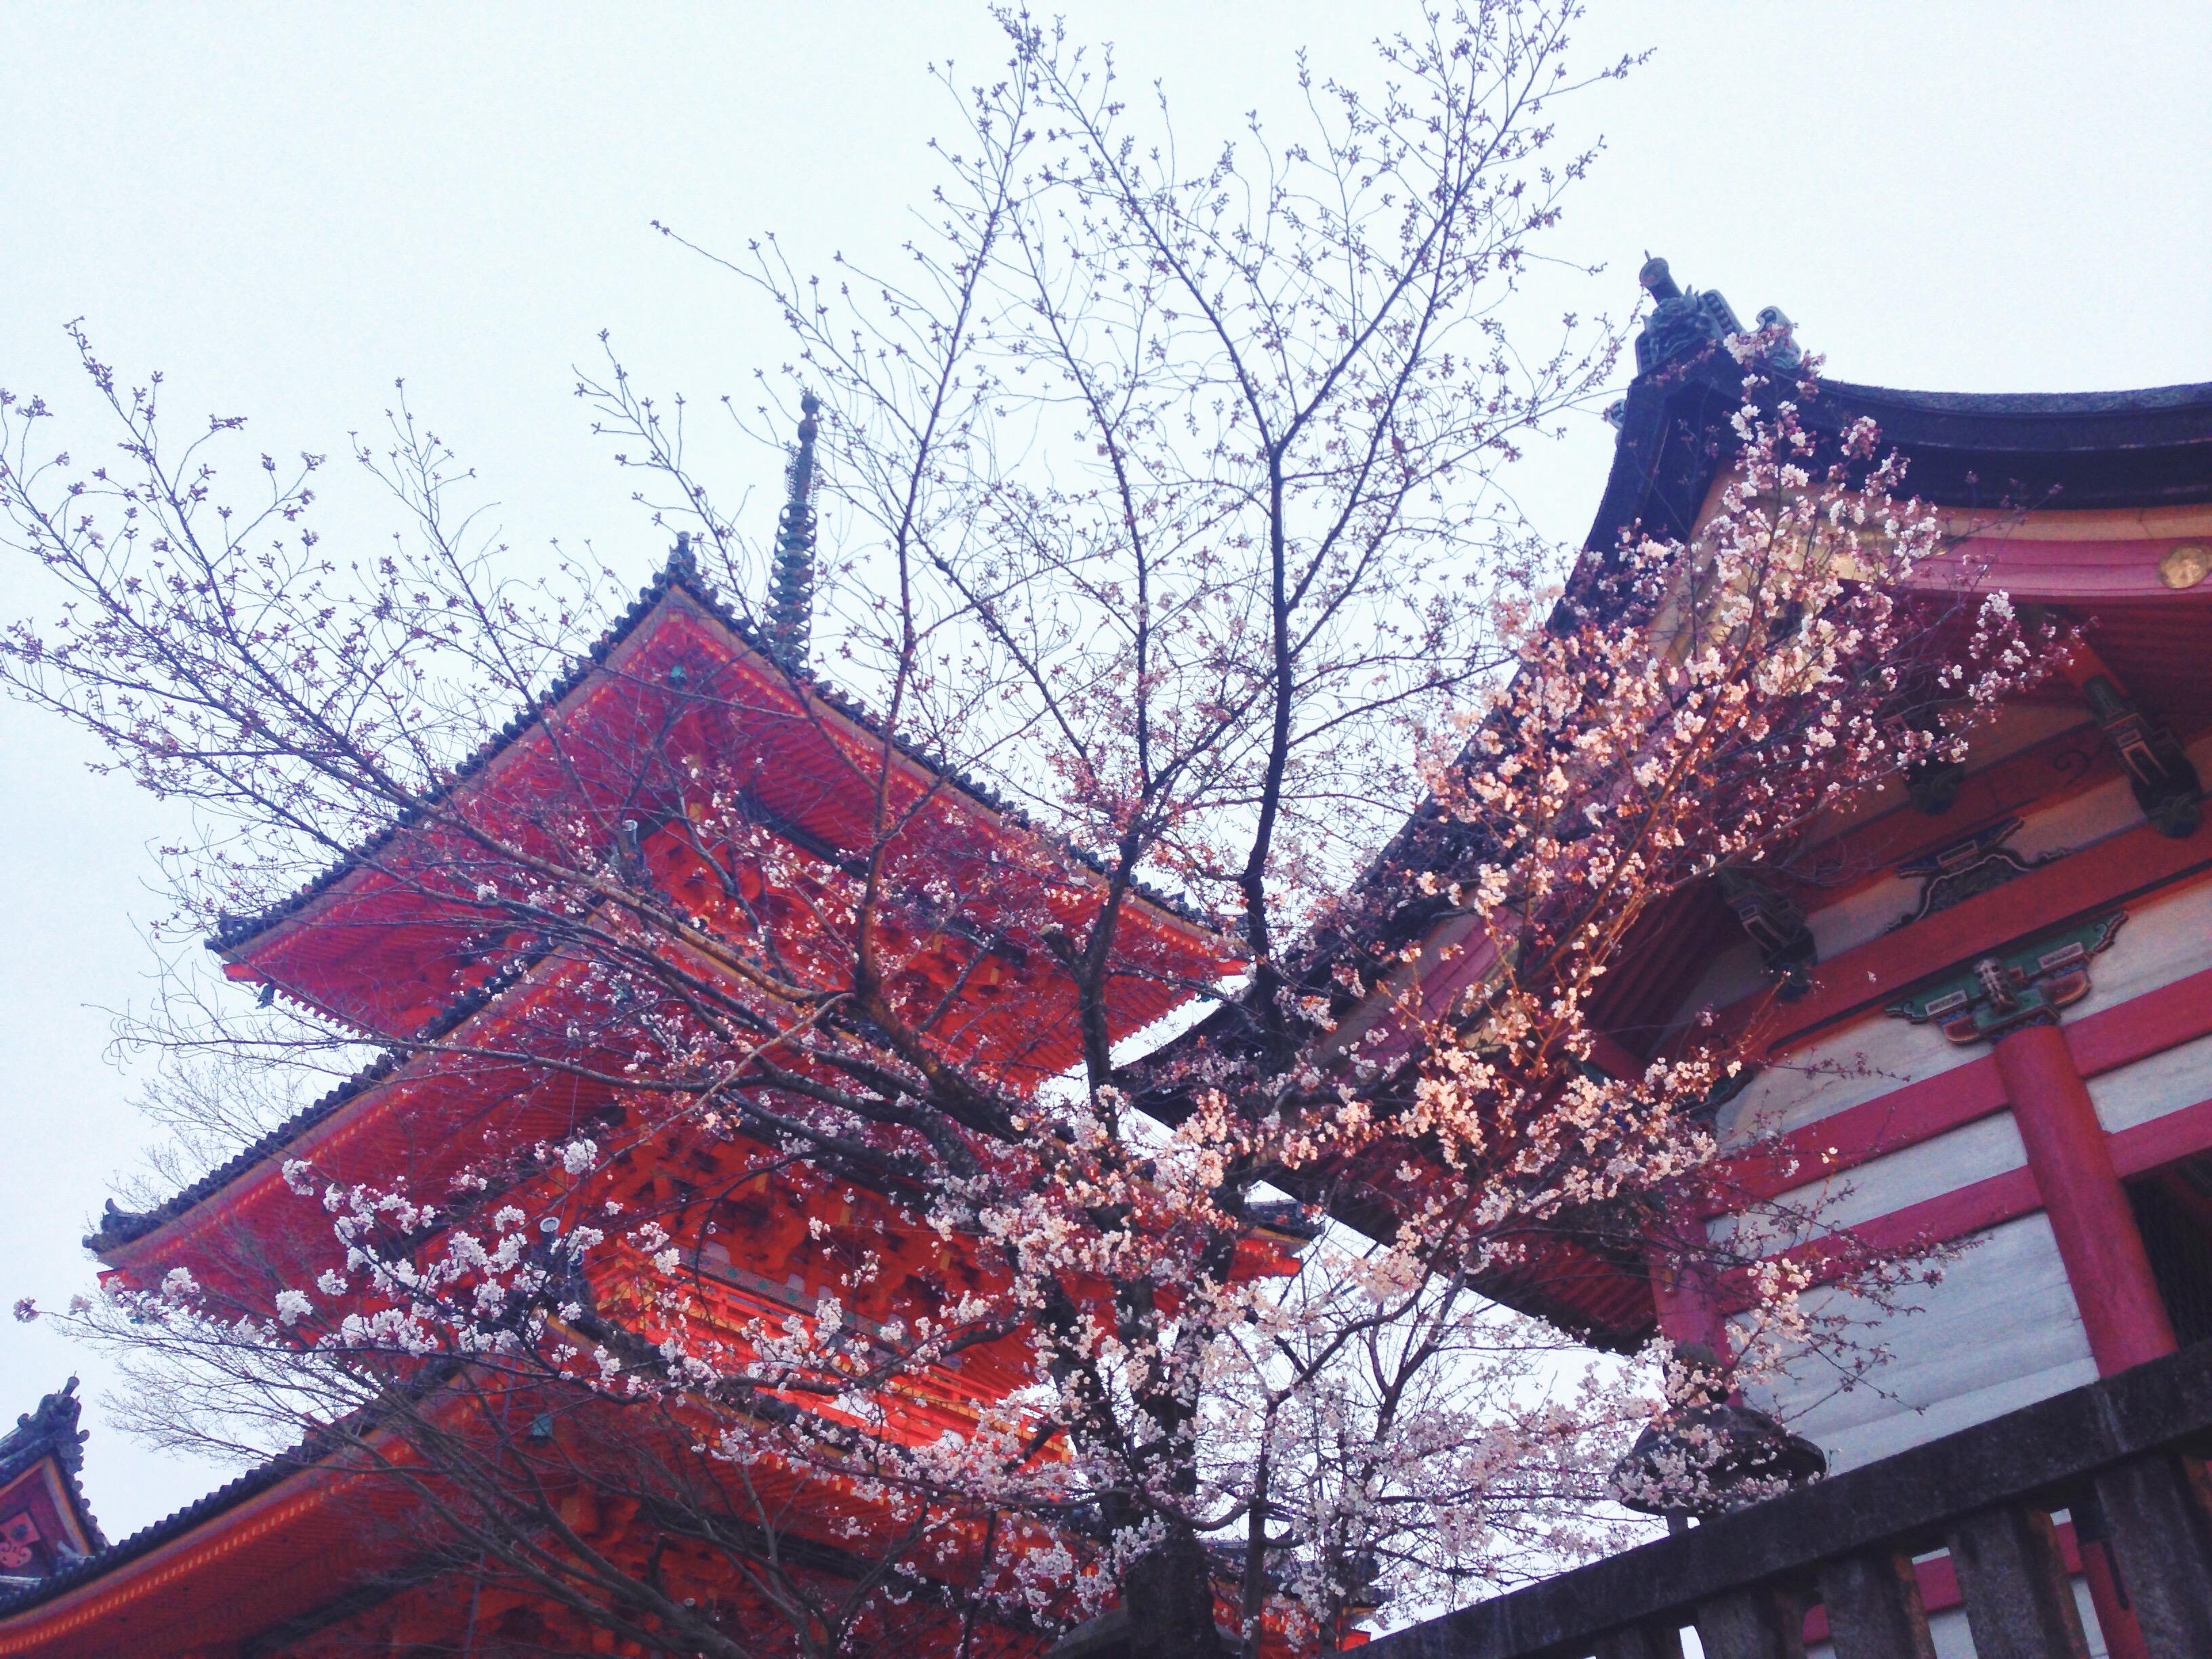 Il Tempio Kiyomizu-dera